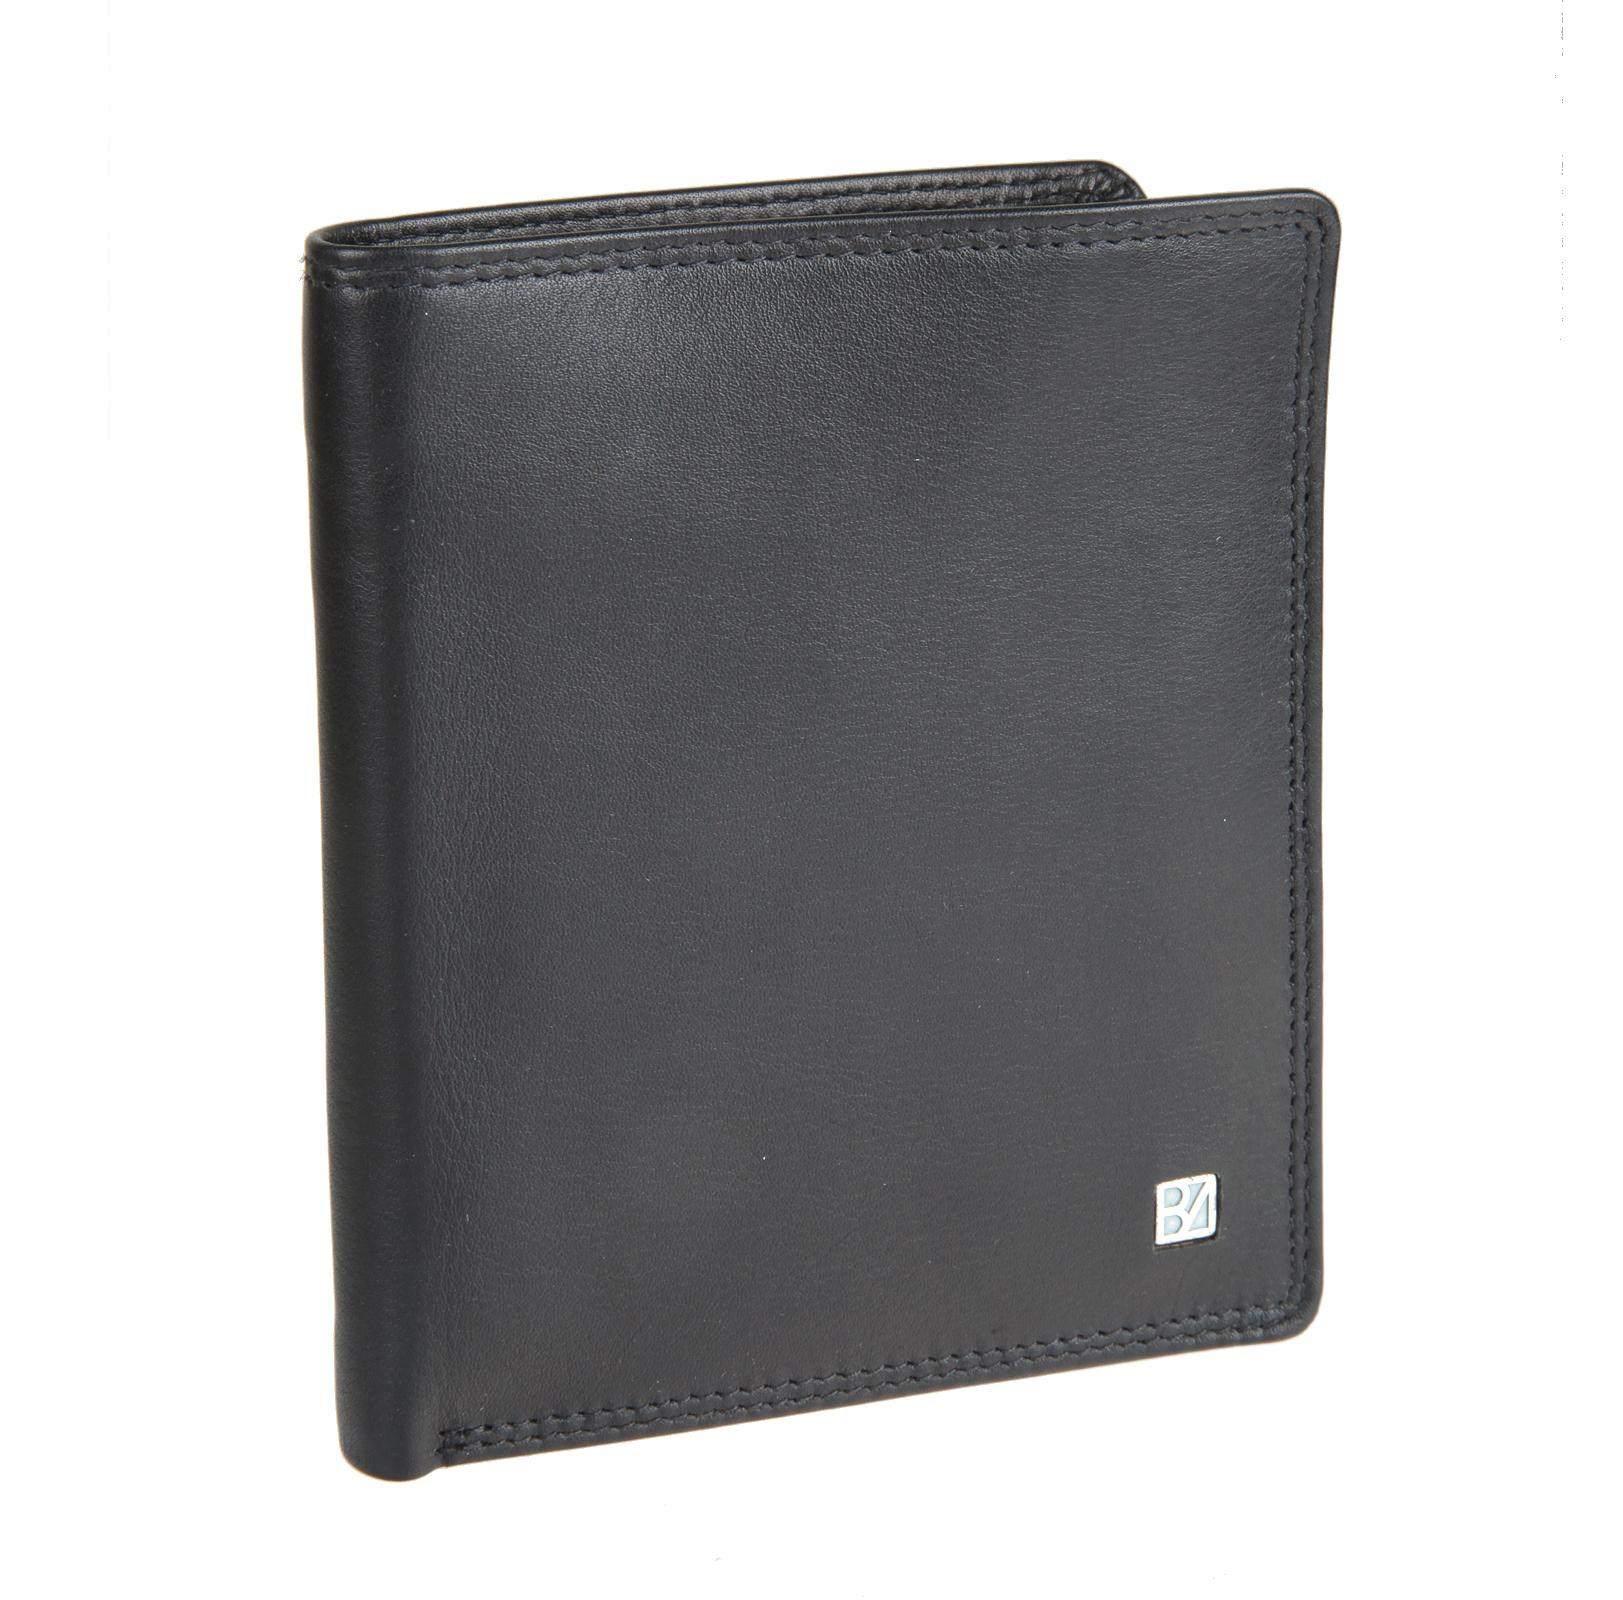 Портмоне мужское Bodenschatz, цвет: черный. 8-860 black8-860 blackРаскладывается пополам, внутри два отделения для купюр, четырнадцать кармашков для пластиковых карт, сетчатый кармашек для пропуска, два потайных кармашка, отделение для мелочи на кнопке.